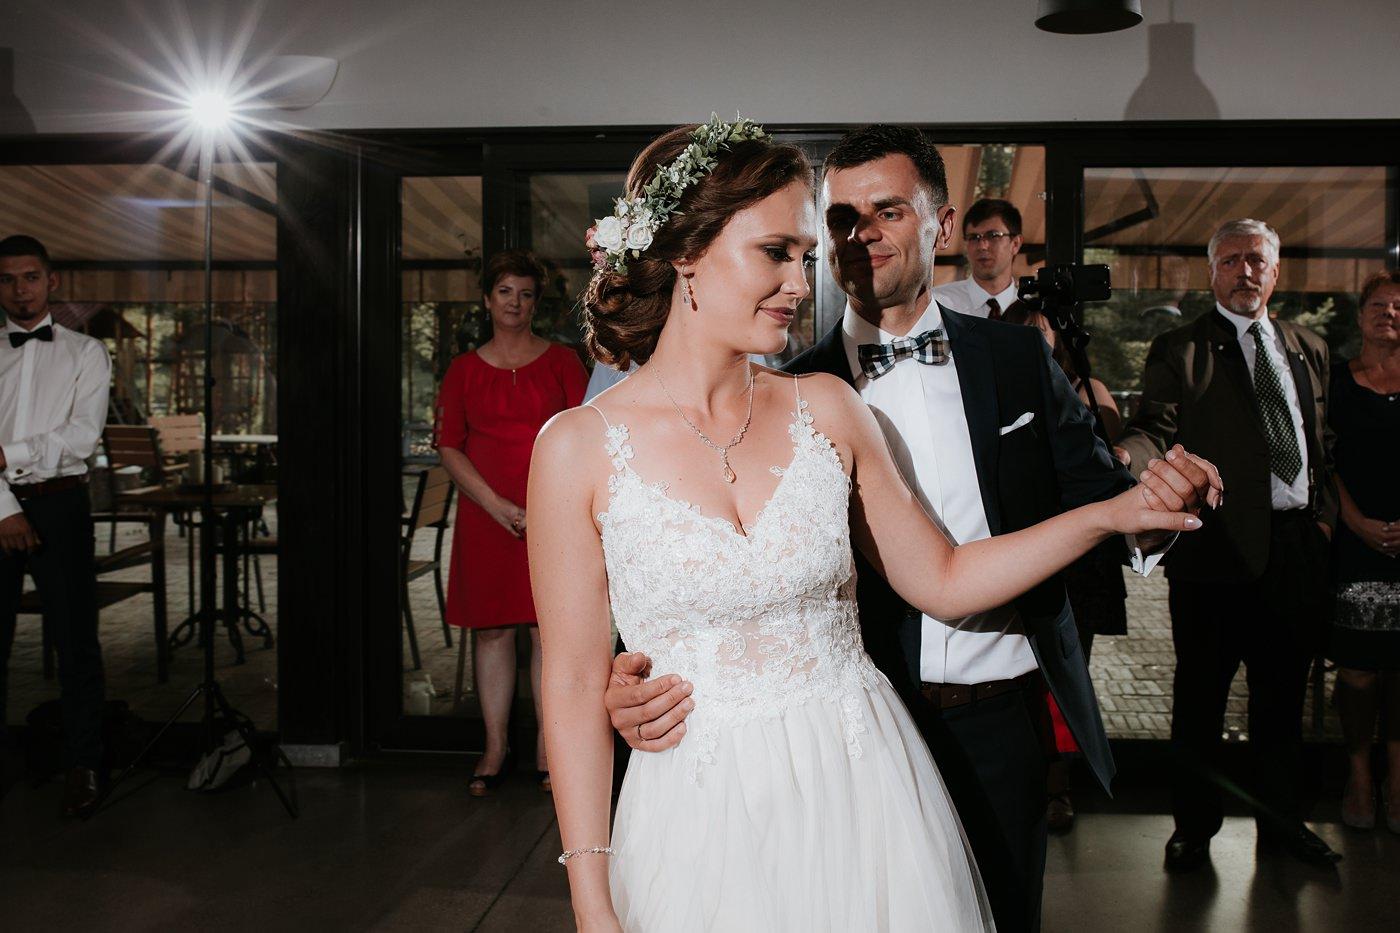 Anna & Wojtek - Ślub cywilny w plenerze - Barnówko w Sam Las 77